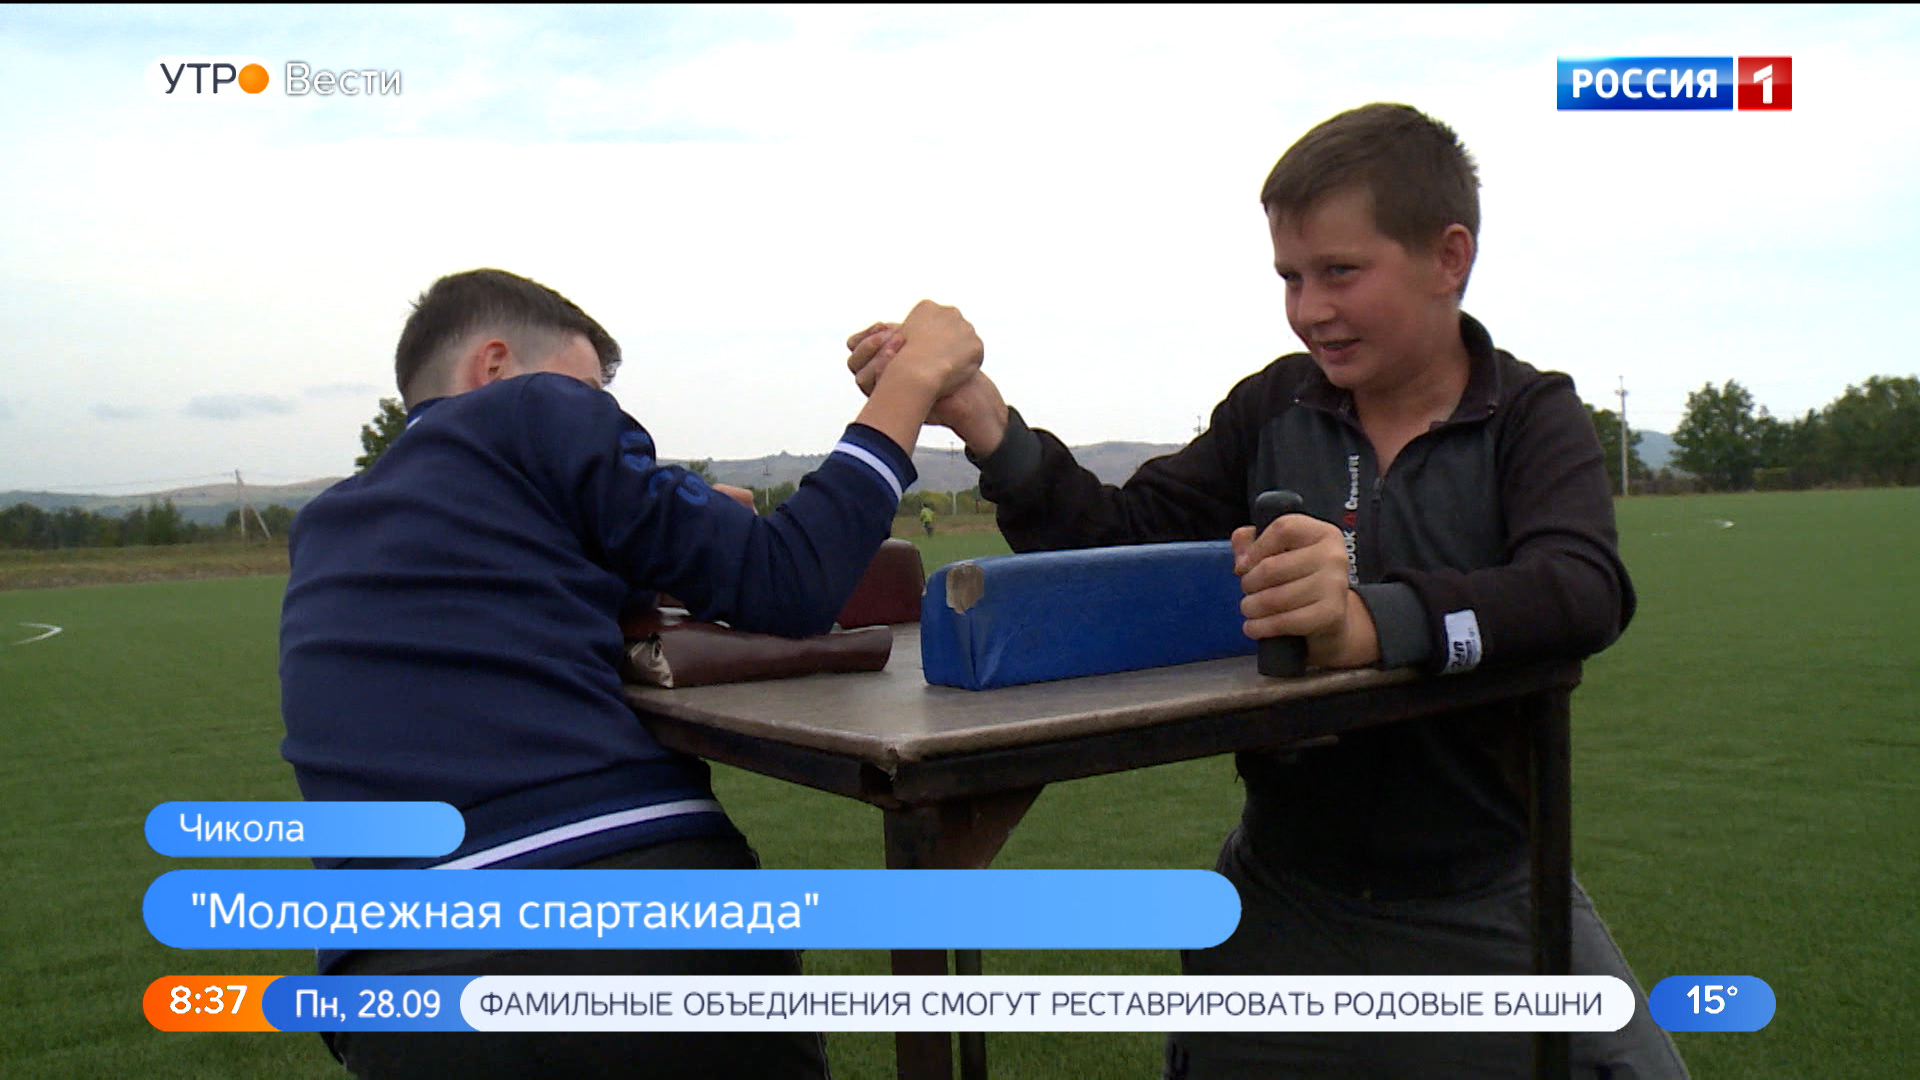 В Чиколе прошла «Молодежная спартакиада»